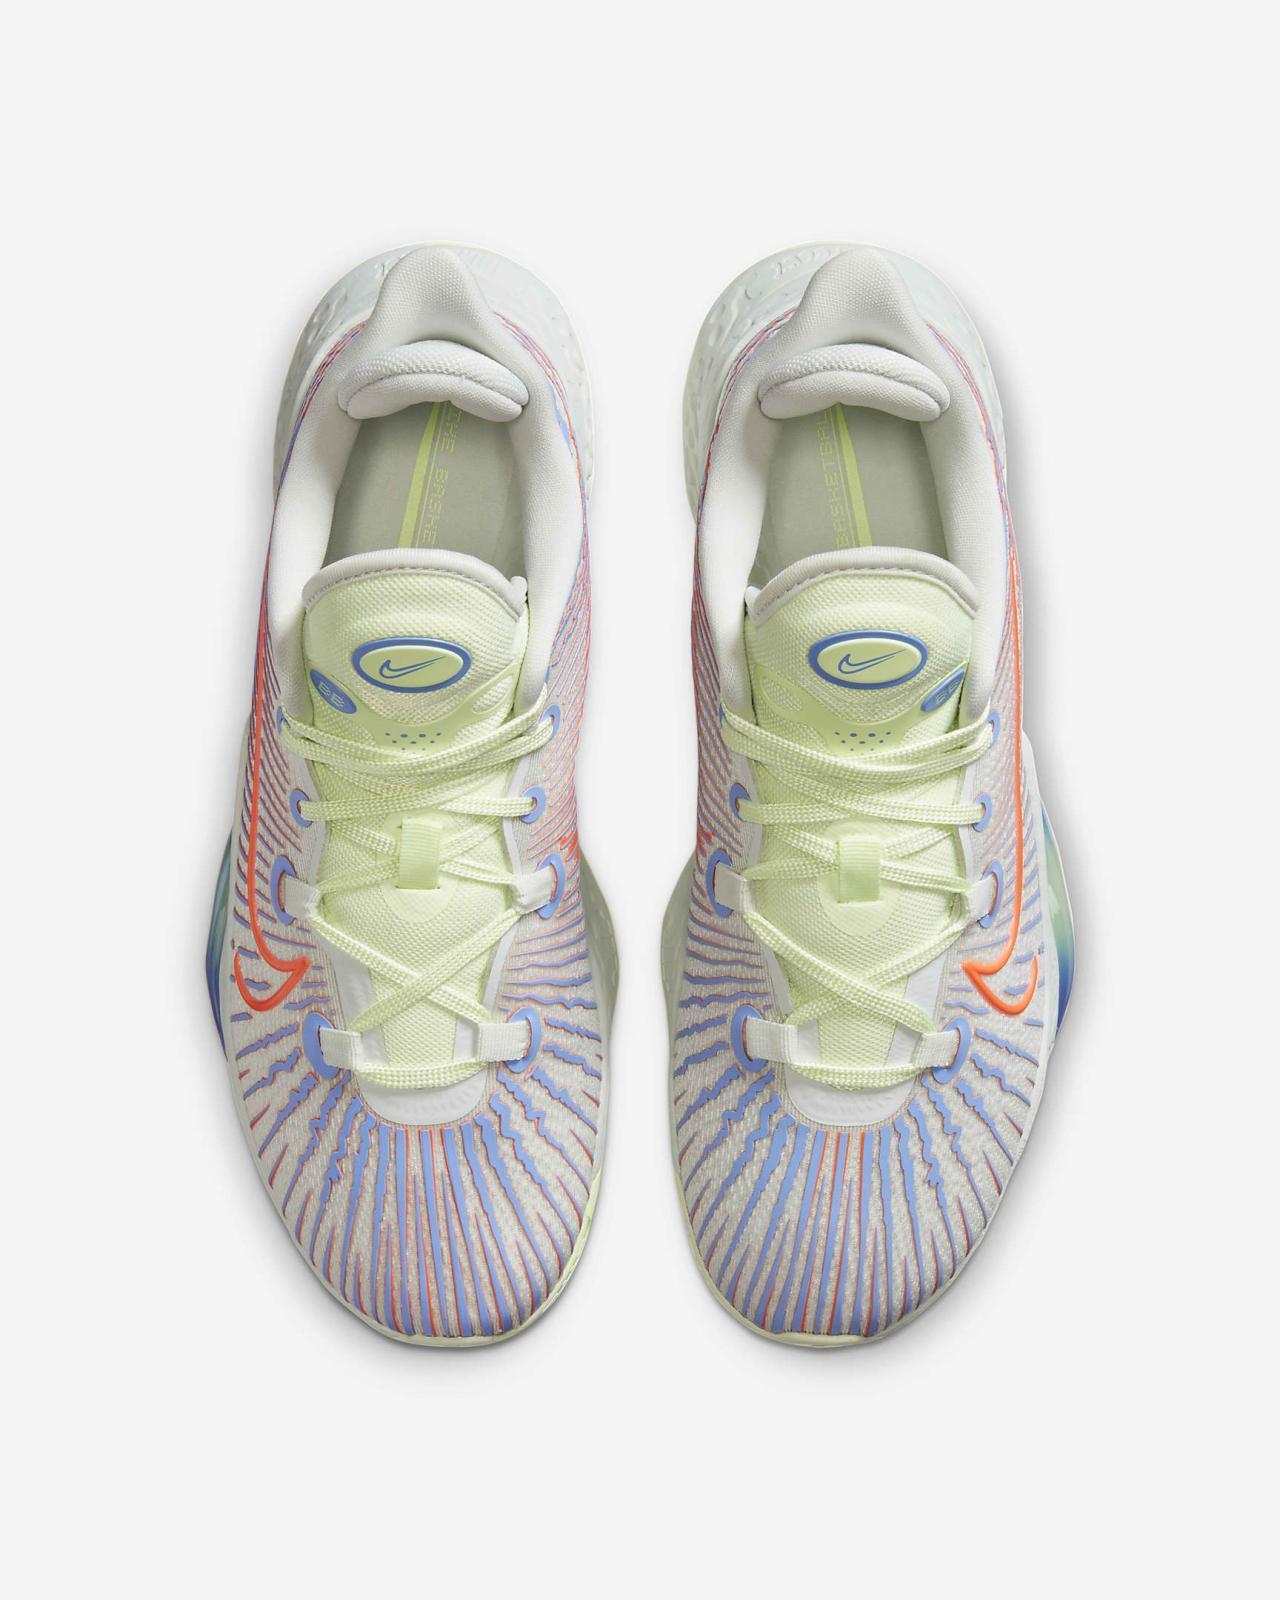 Nike Basketball推出全新杉木浅蓝灰/脉冲宝蓝/超蓝色Air Zoom BB NXT